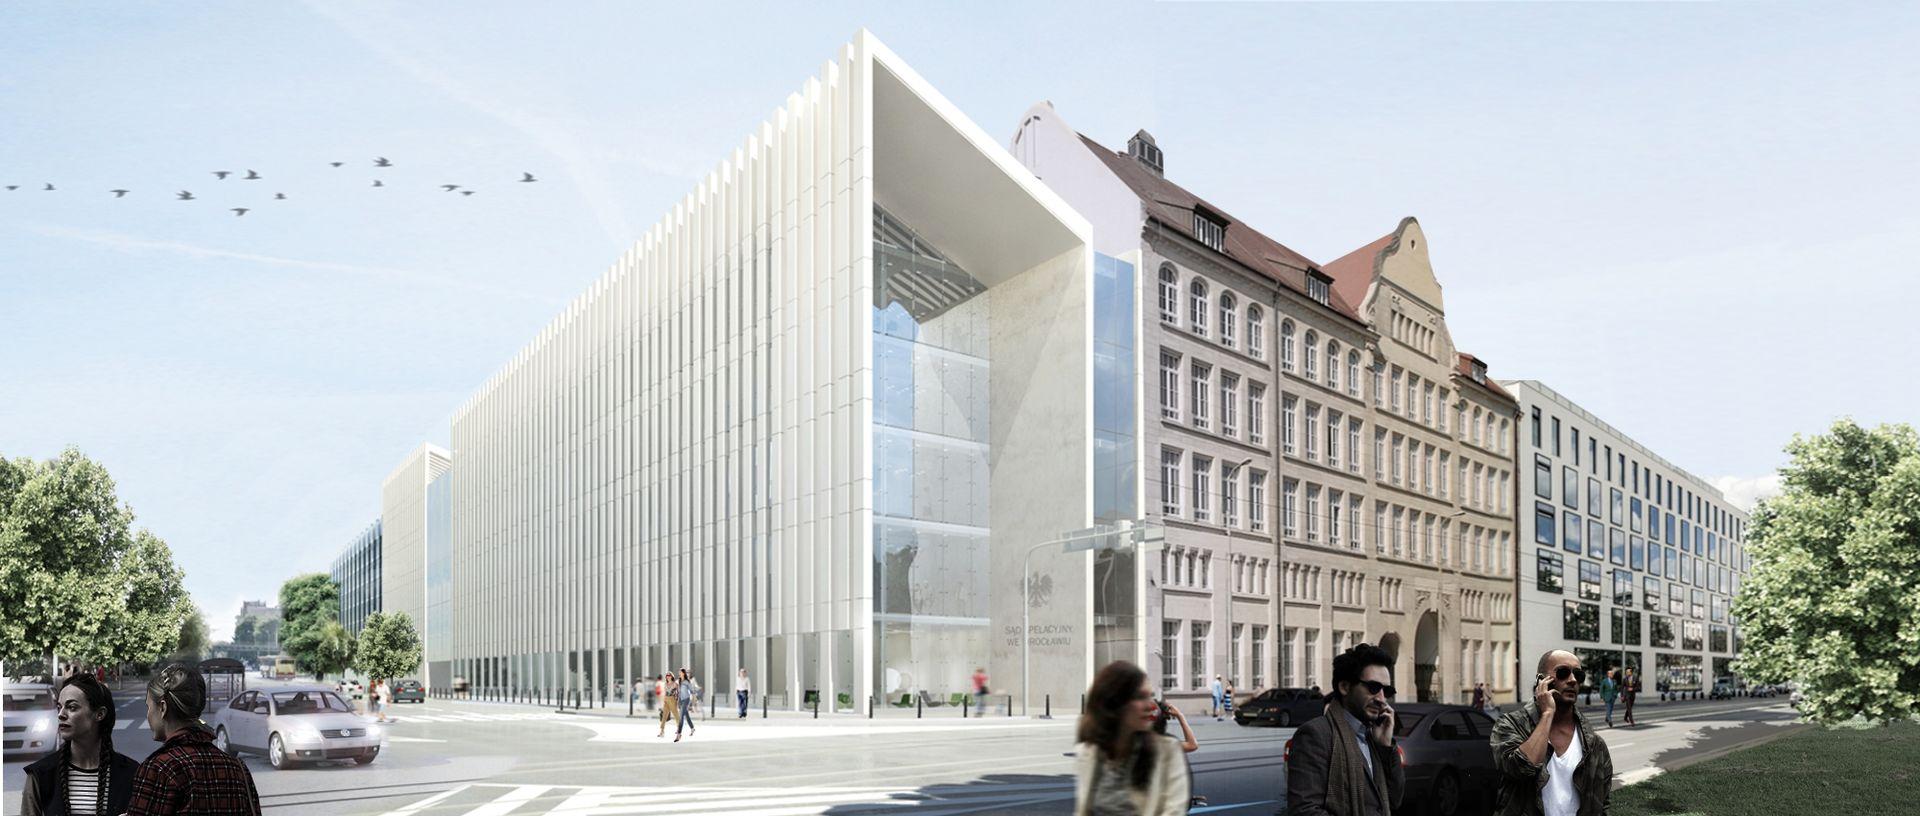 Mirbud wybuduje nową siedzibę Sądu Apelacyjnego we Wrocławiu